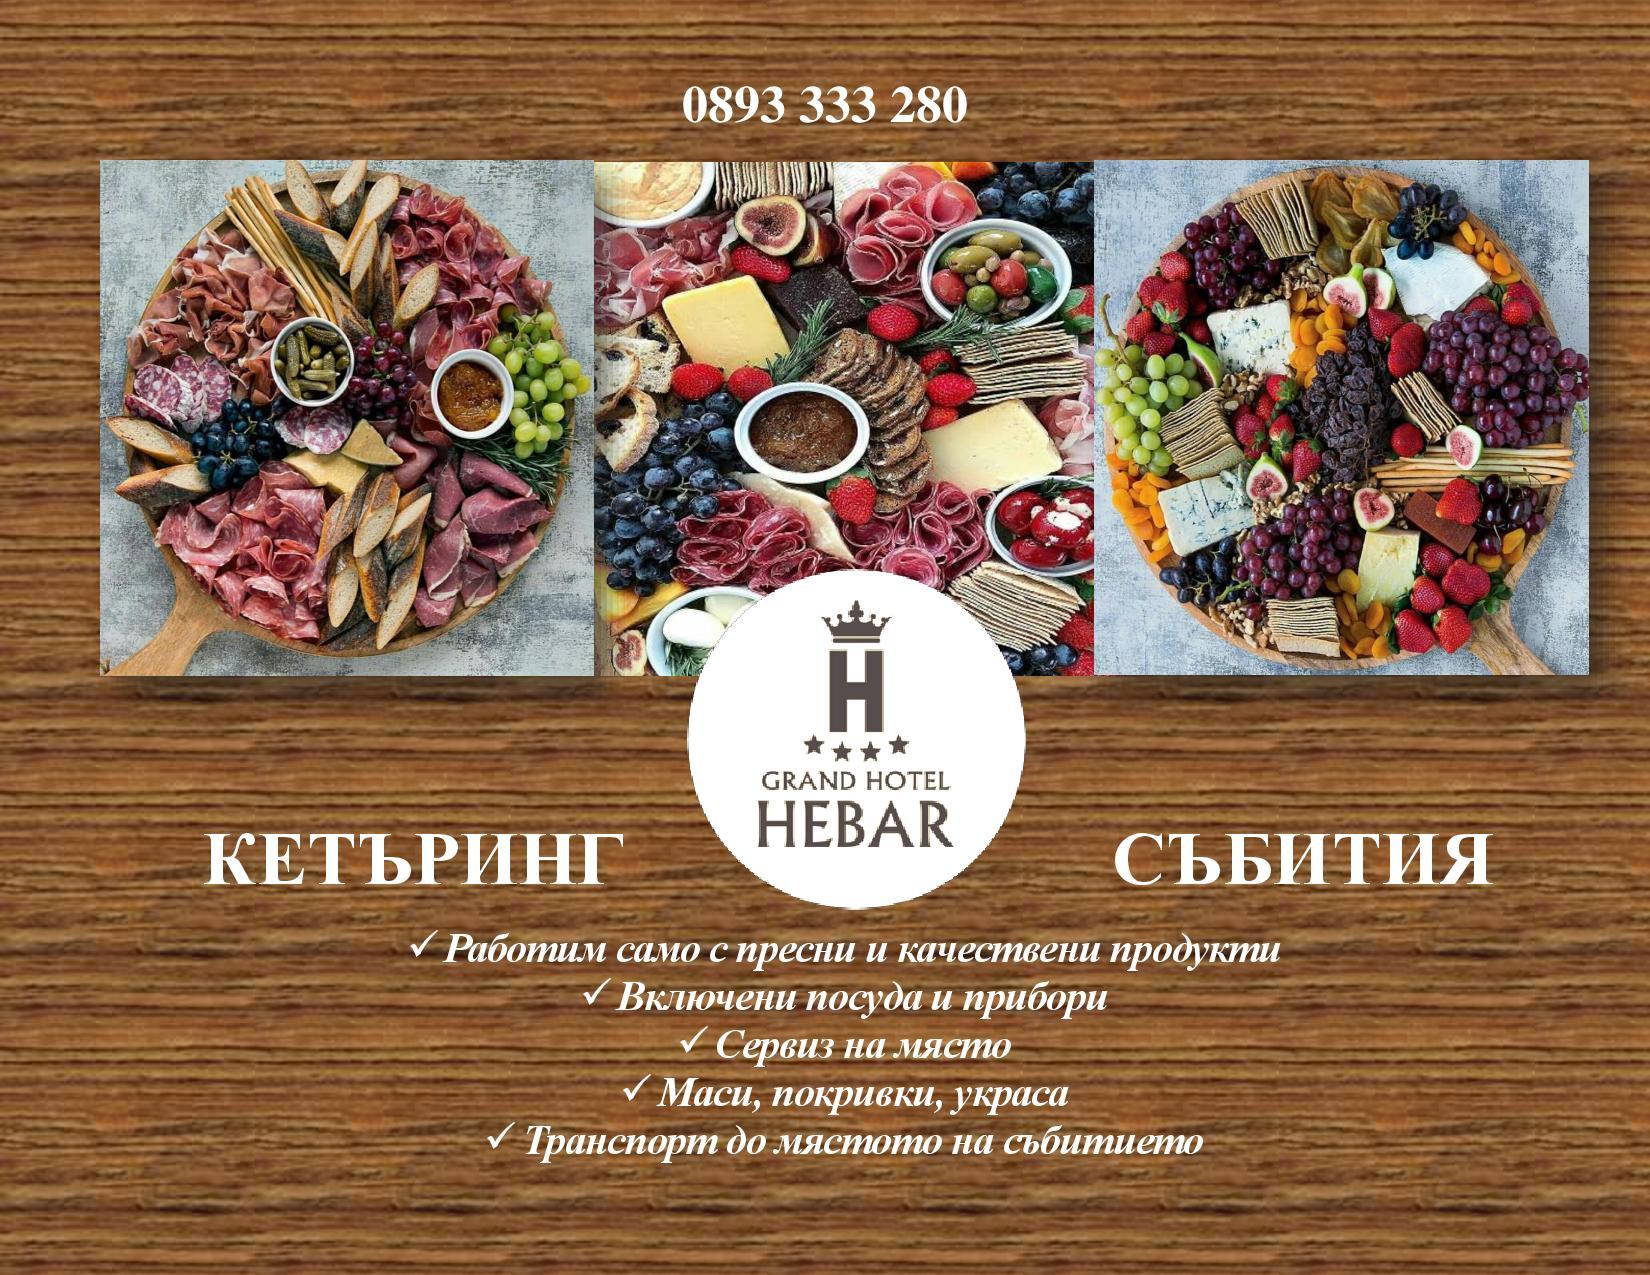 КЕТЪРИНГ ГРАНД ХОТЕЛ ХЕБЪР